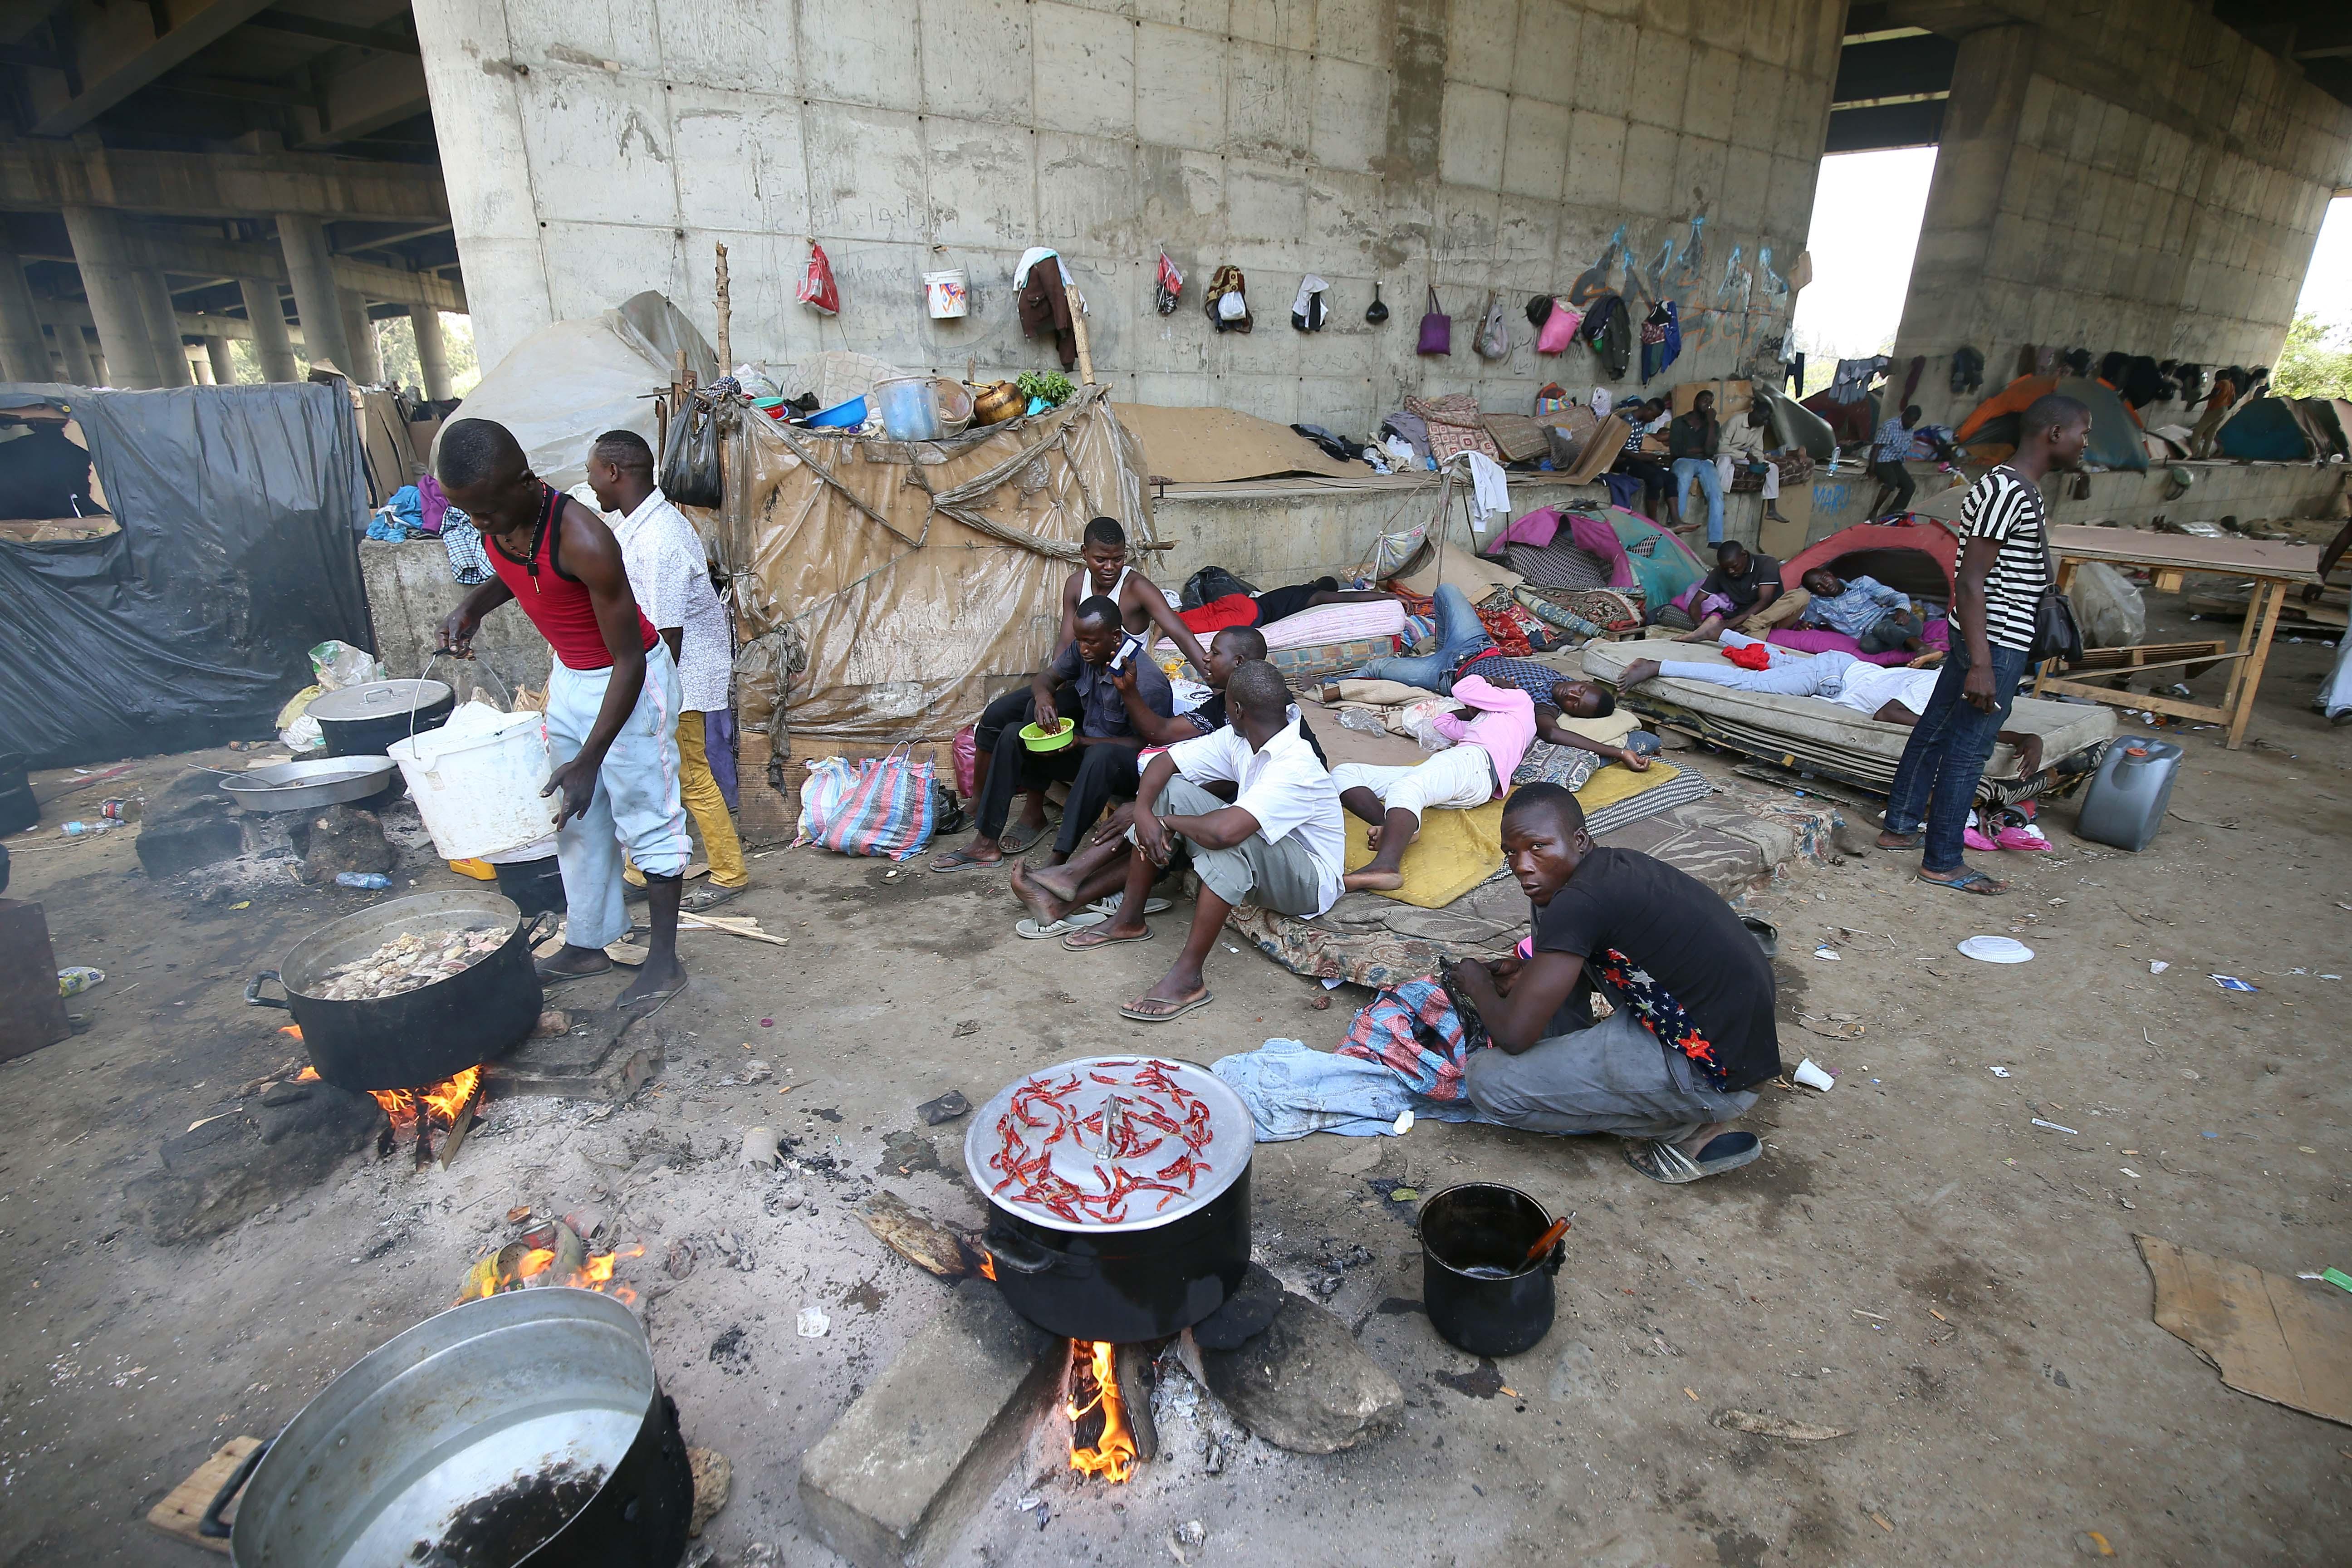 Több mint 13 ezer kiutasított bevándorlót hagytak magukra a Szaharában az algériai hatóságok